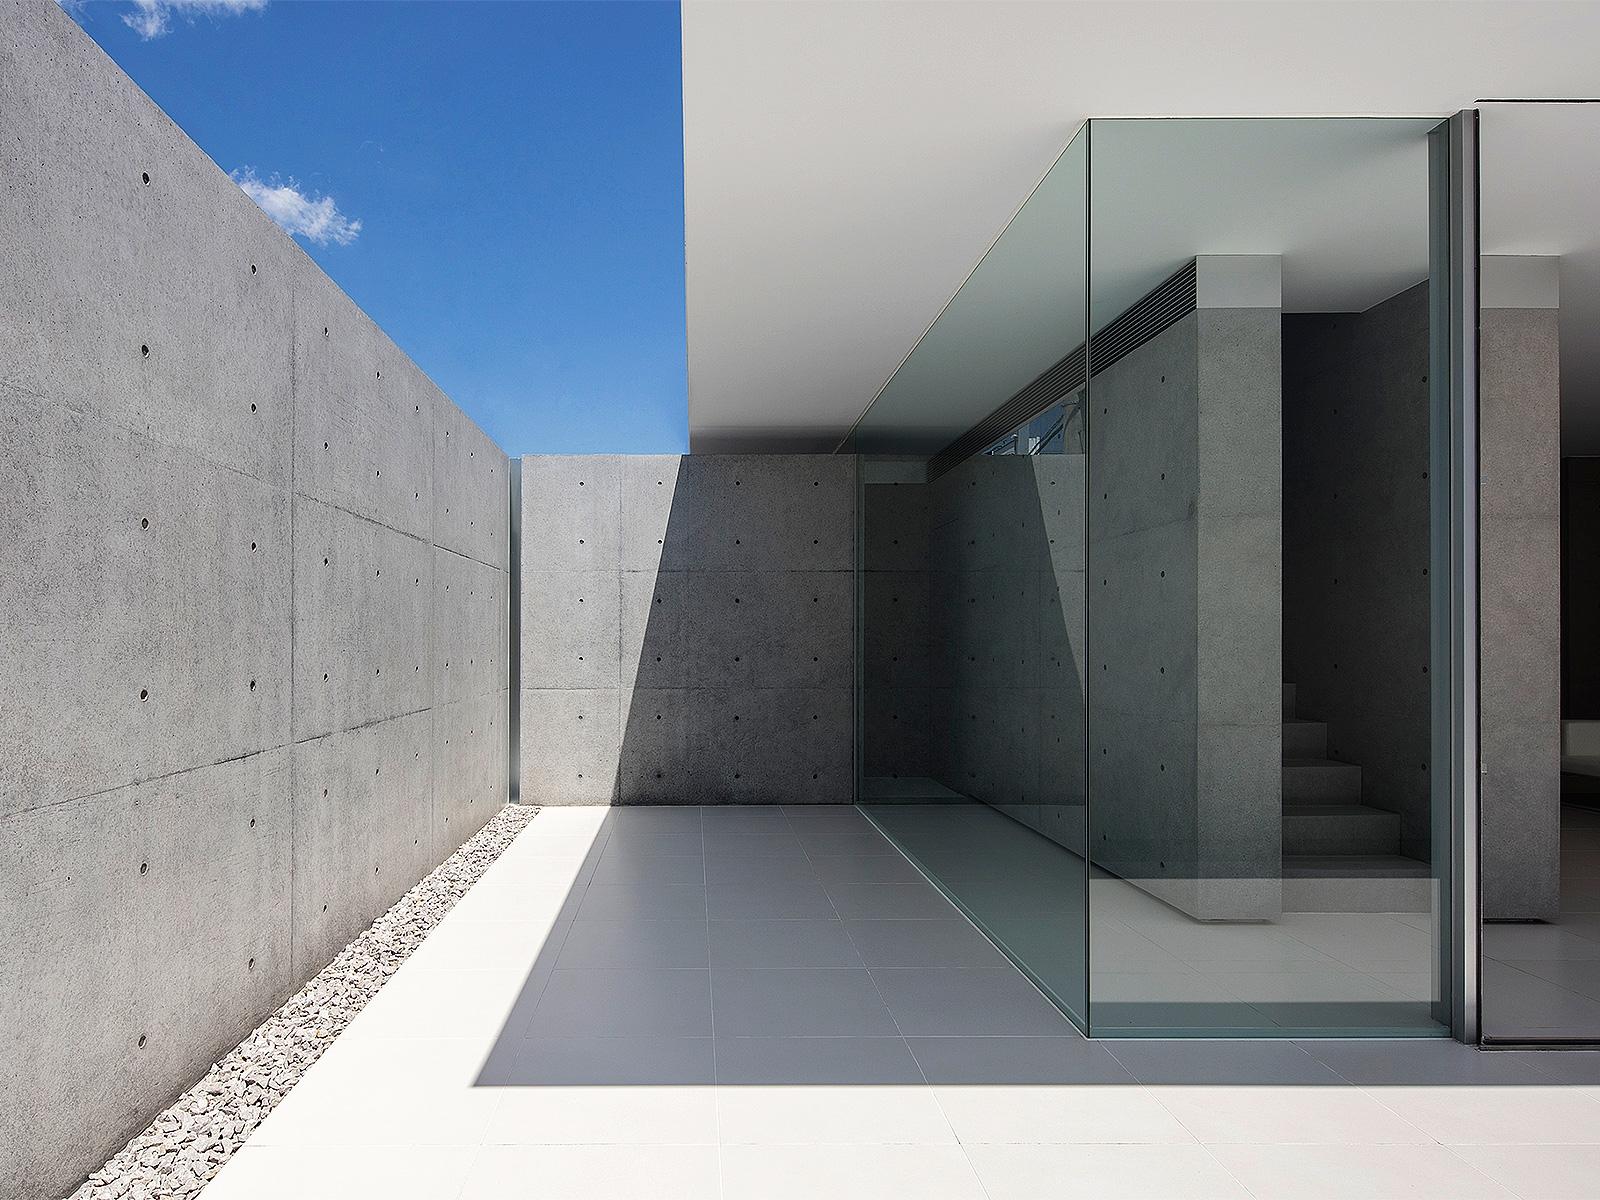 Kubota Architect Atelier design - barenbrug | ello